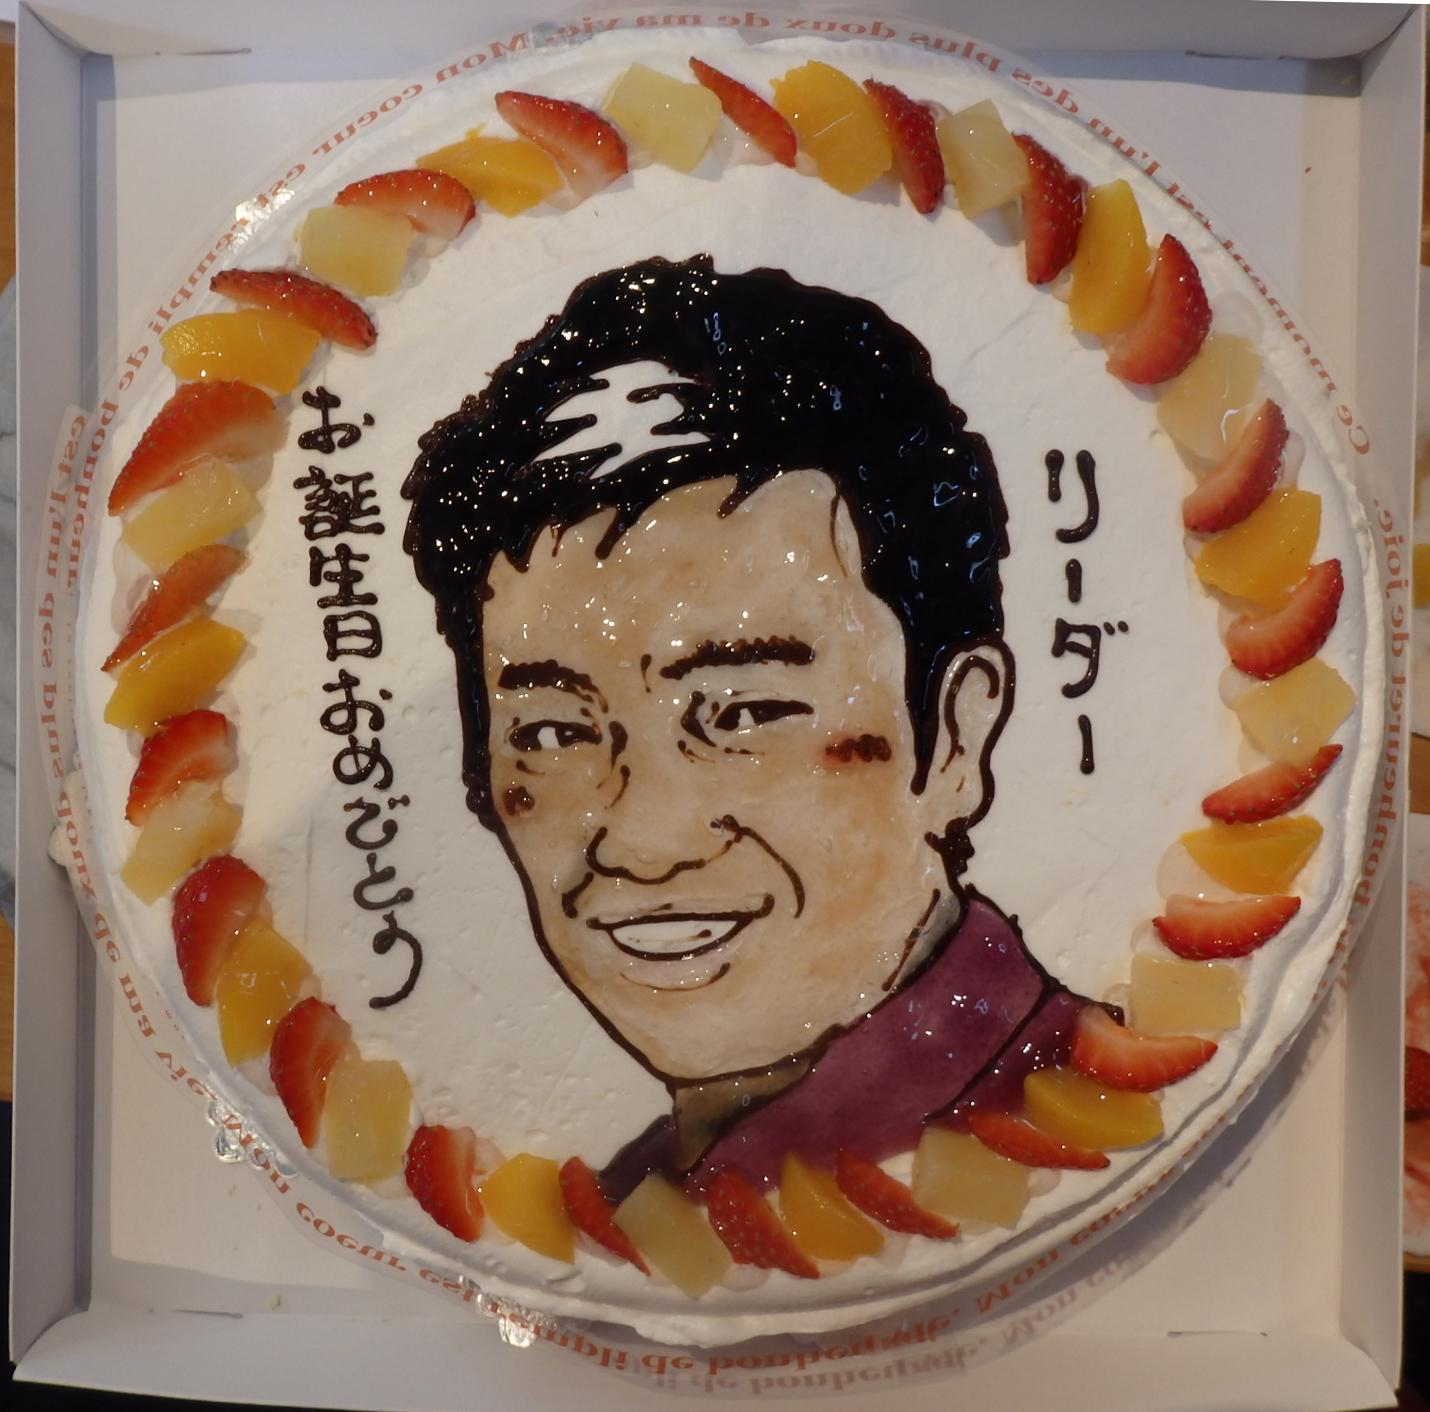 【送料無料】似顔絵ケーキ6号(直径18cm・4〜6人様用)の画像4枚目